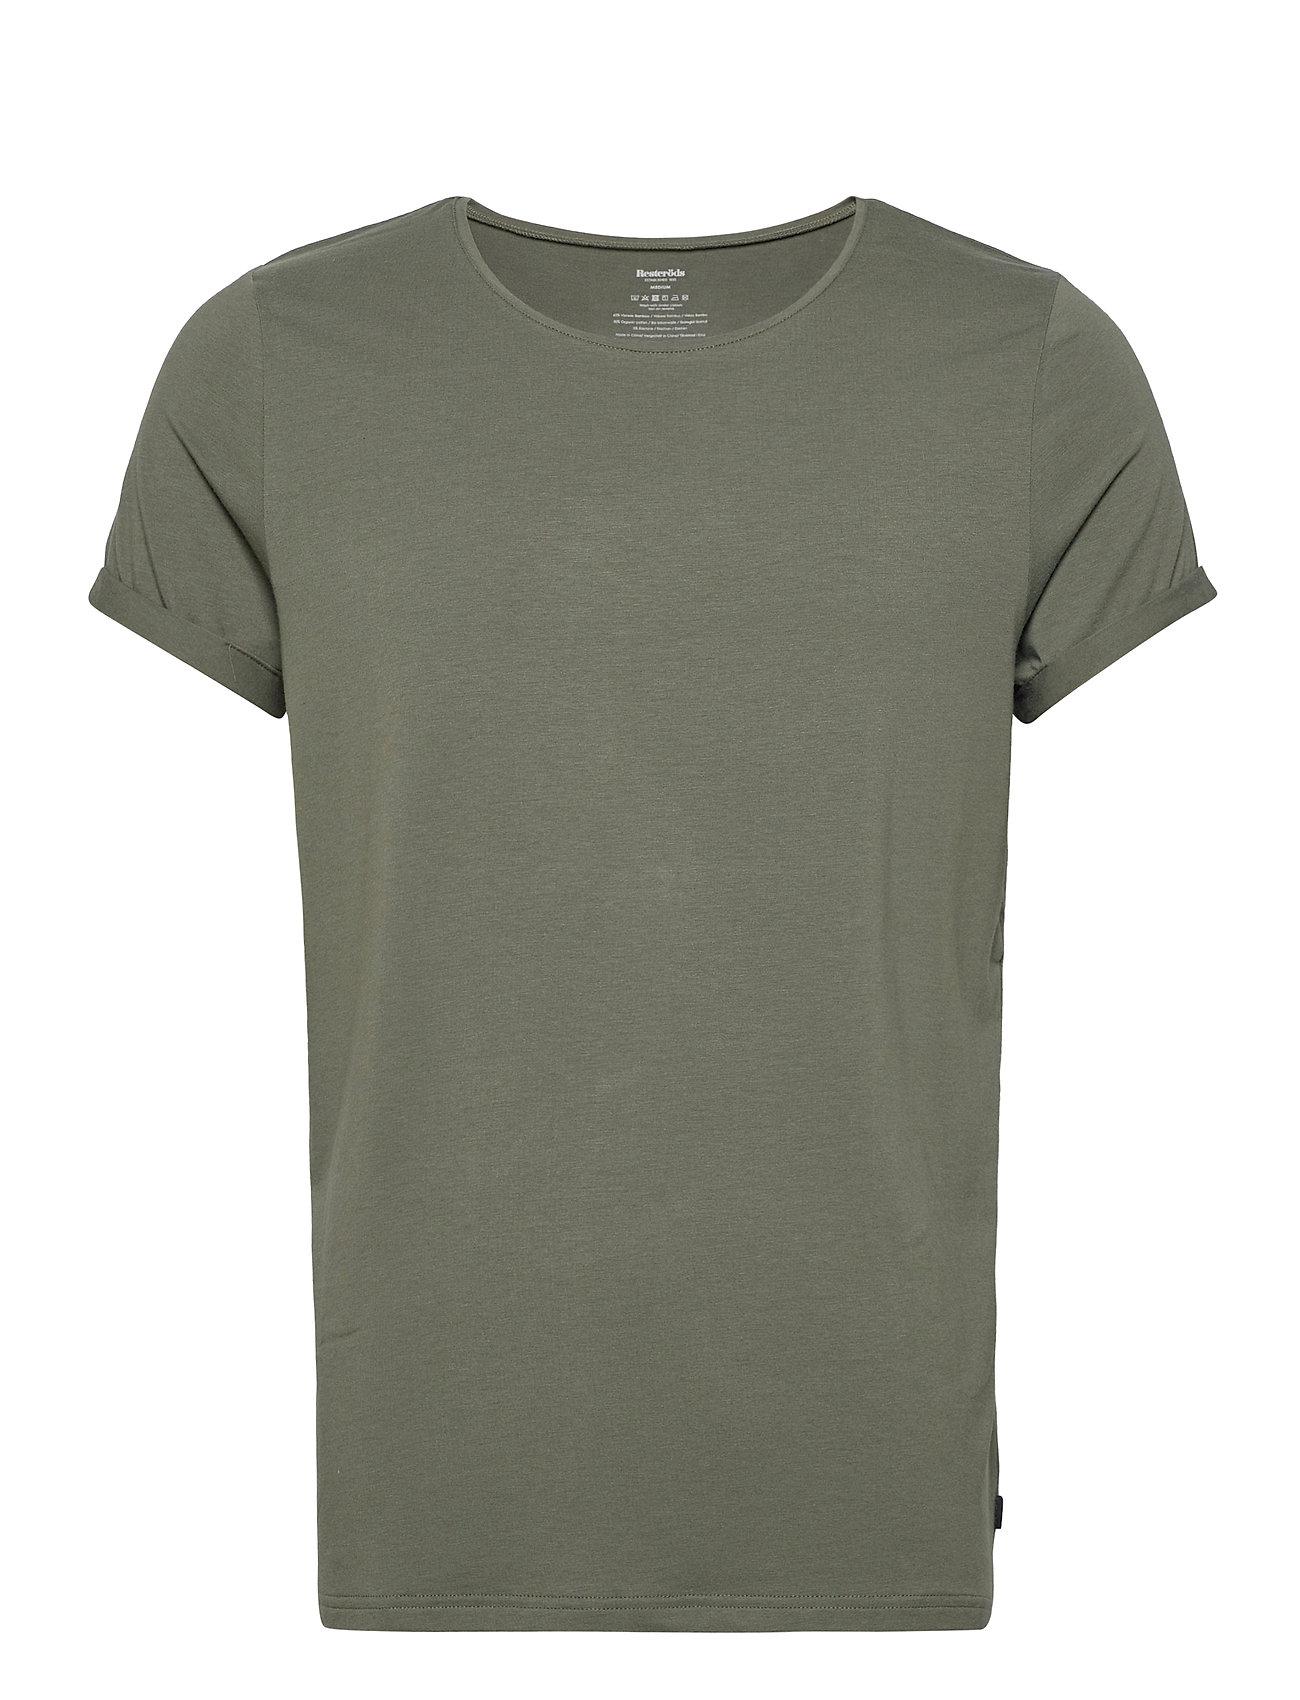 Image of Bamboo Jimmy Tee T-shirt Grøn Resteröds (3455507625)